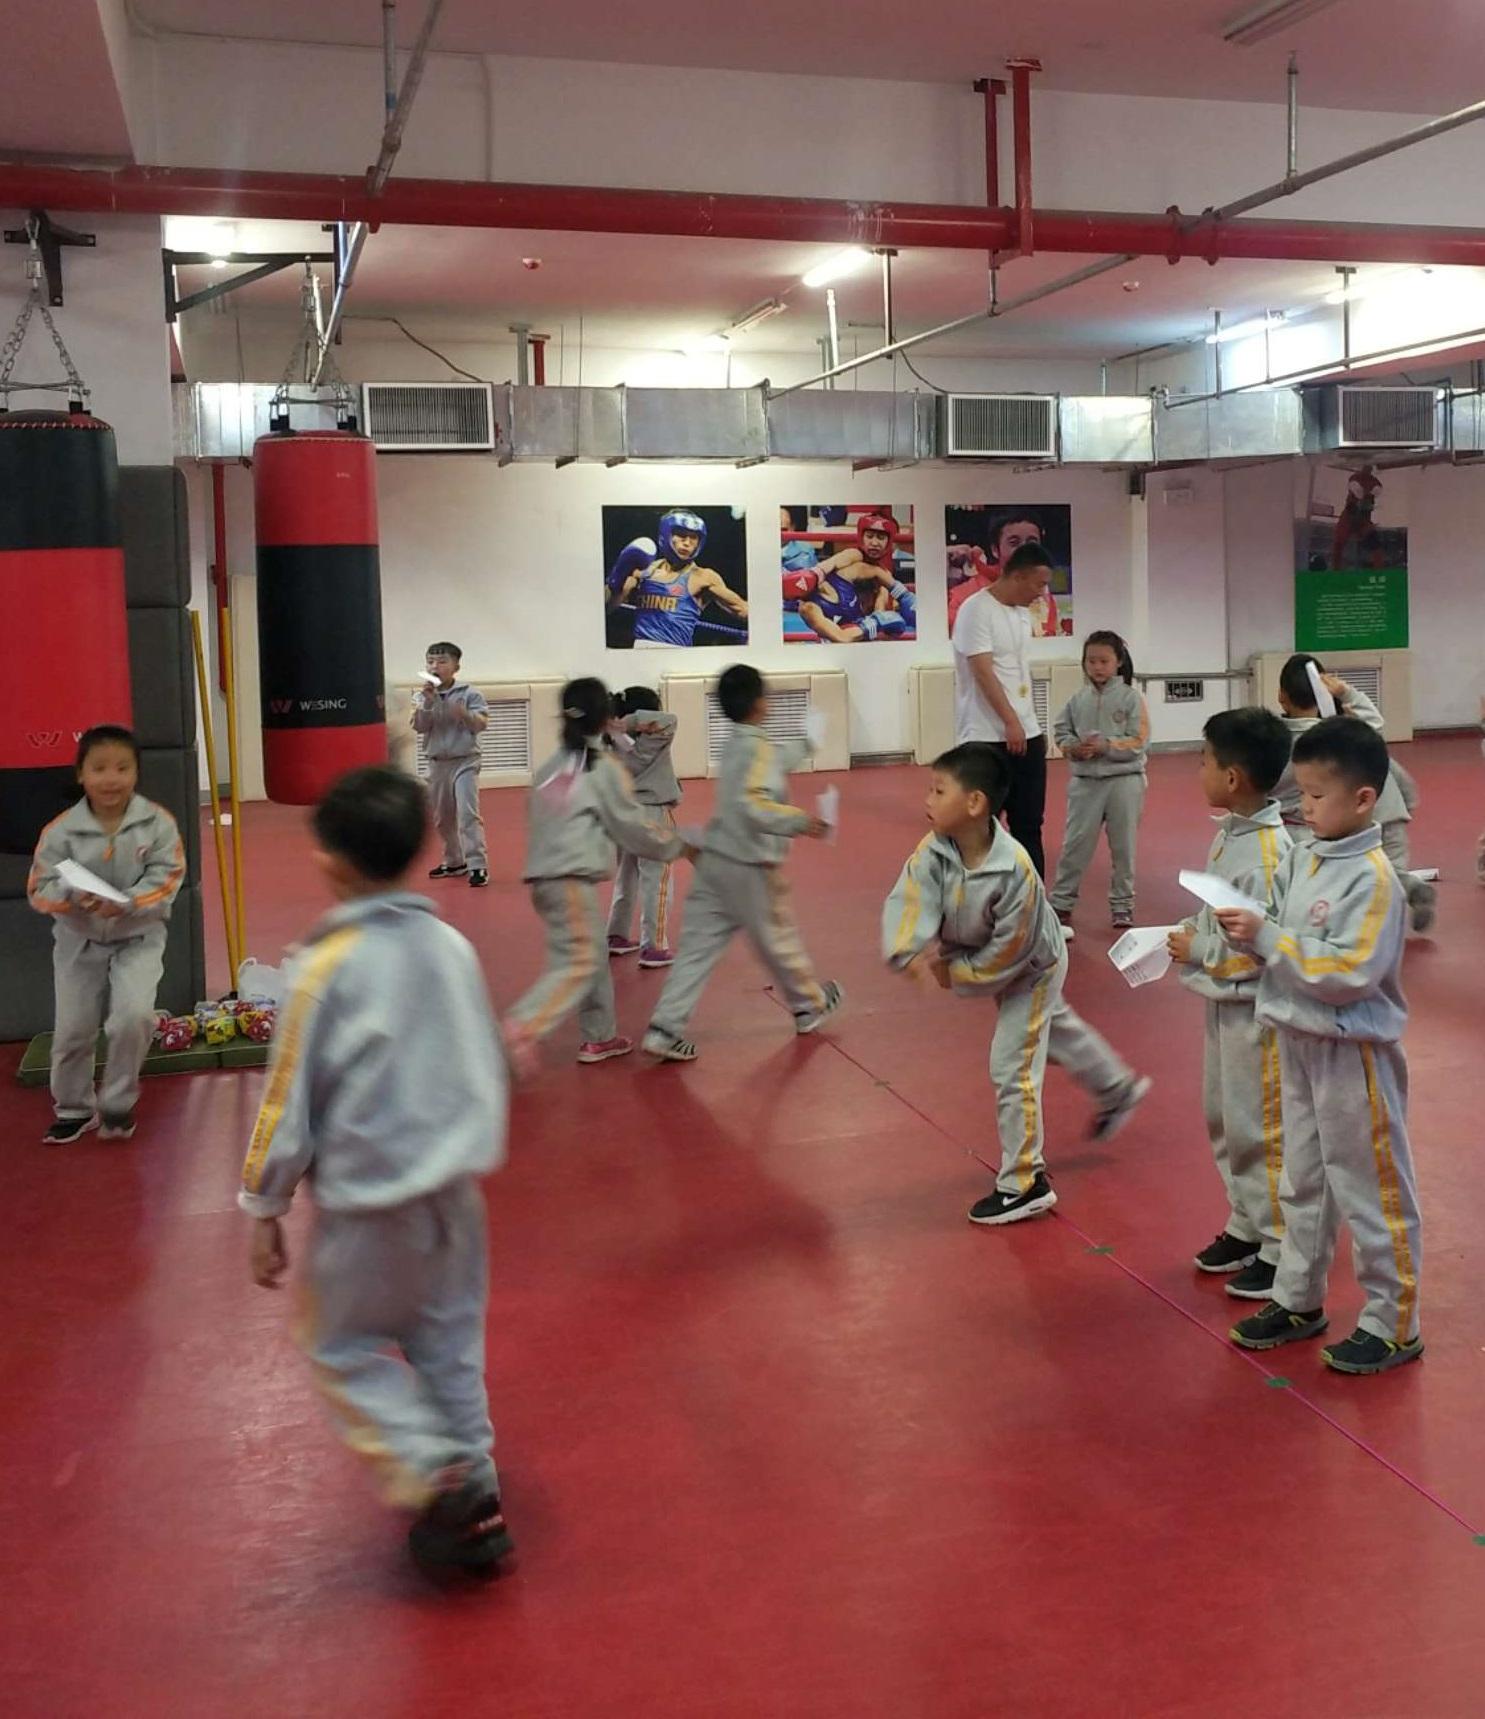 人教版小学体育一直二年级6.立定跳远分解动作练习与游戏教案